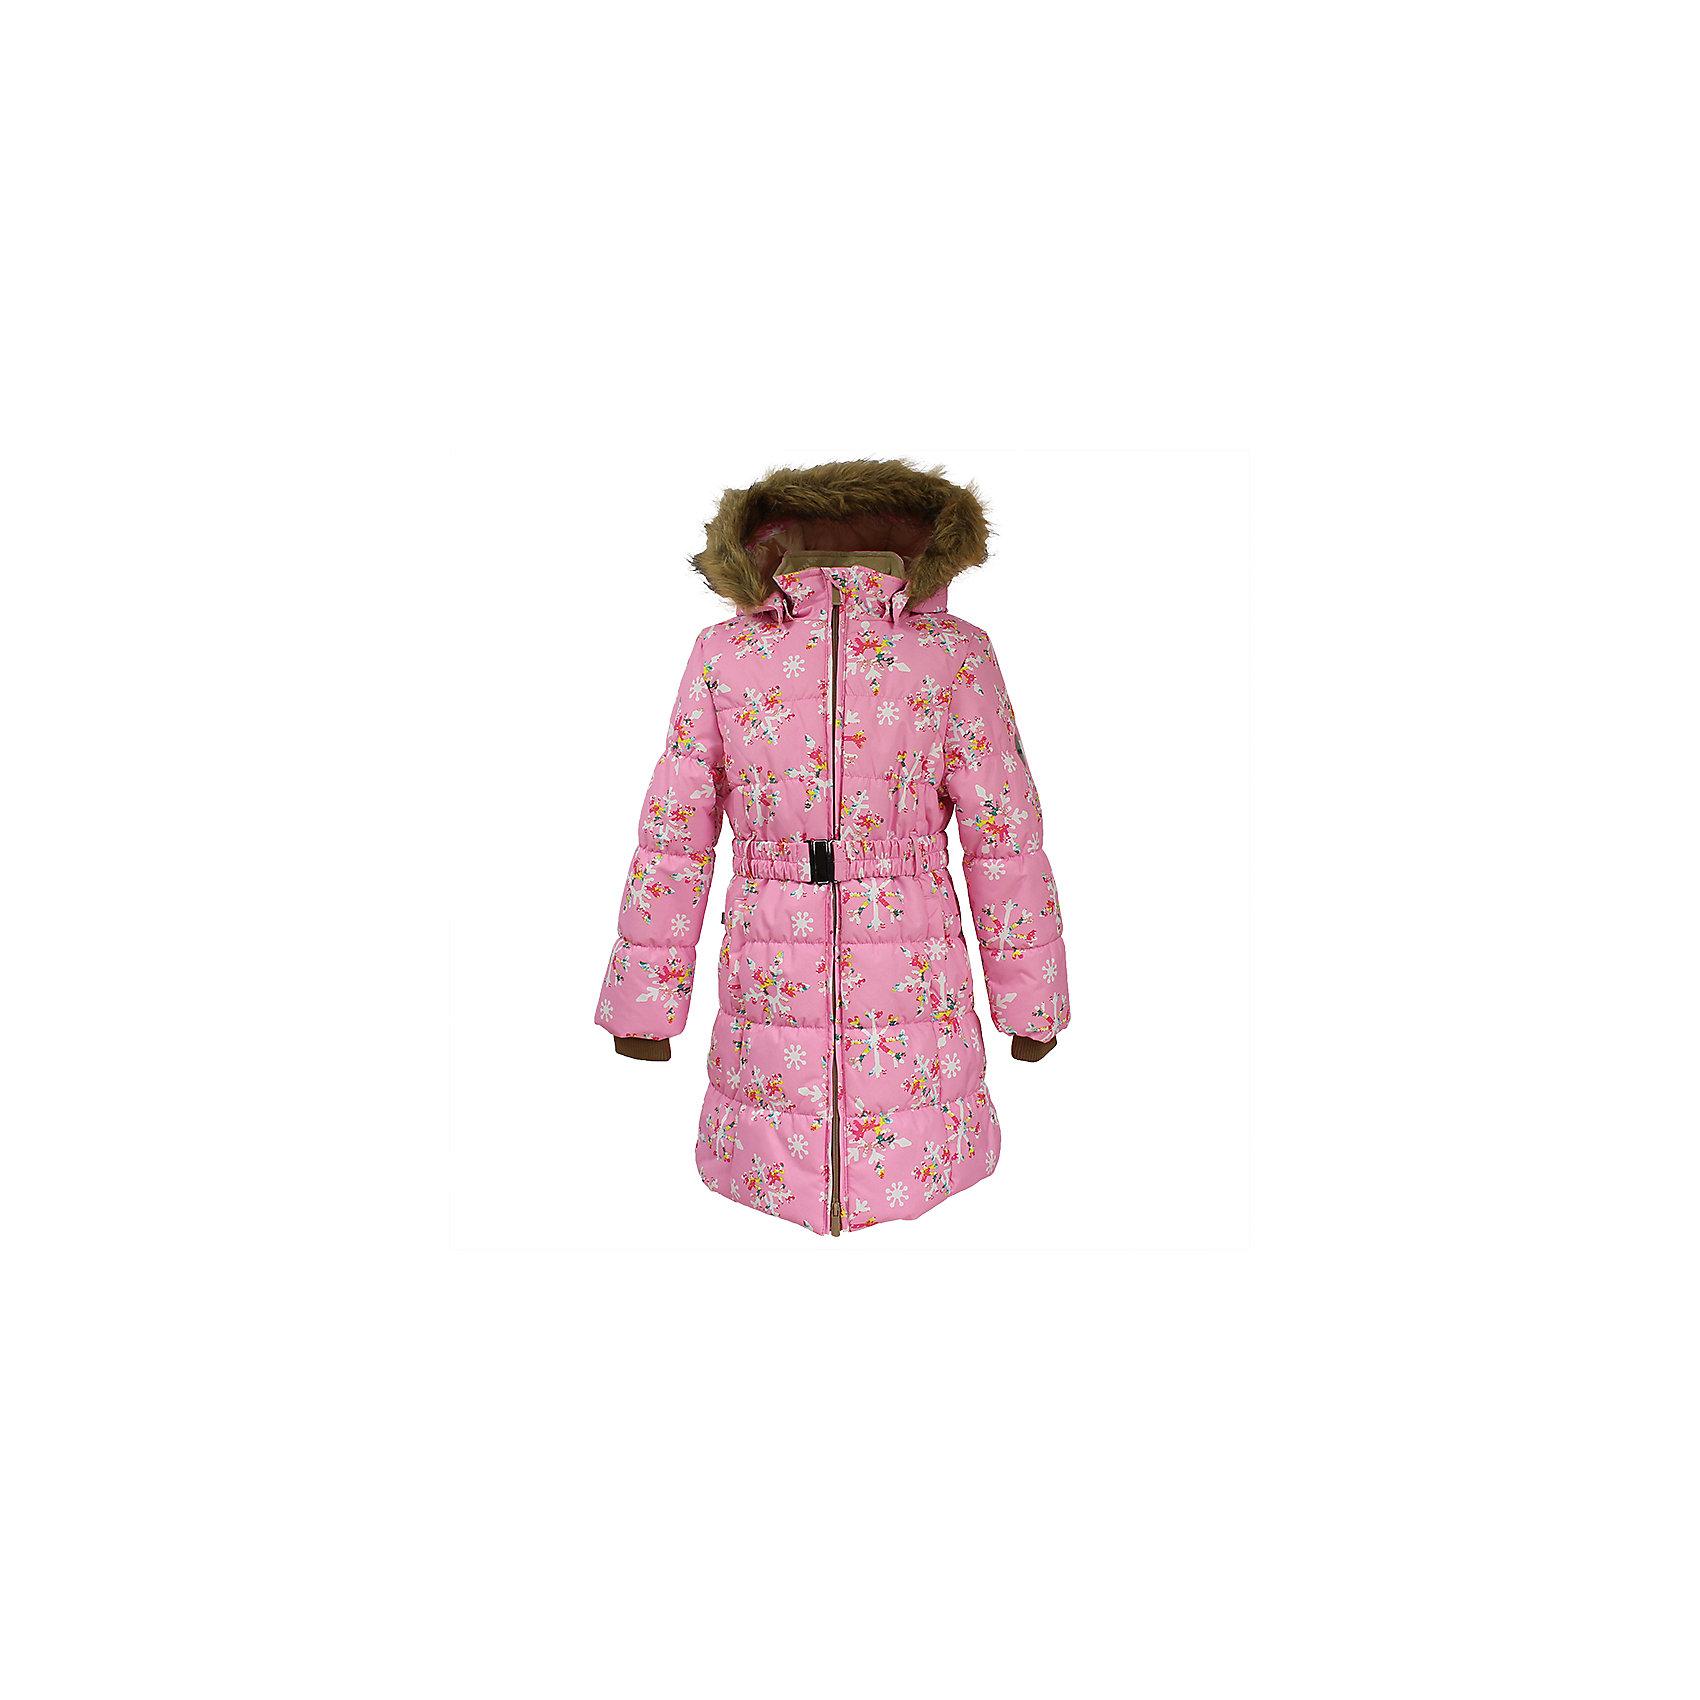 Пальто YACARANDA Huppa для девочкиПальто и плащи<br>Куртка для девочек YACARANDA.Водо и воздухонепроницаемость 10 000. Утеплитель 300 гр. Подкладка тафта, флис 100% полиэстер. Отстегивающийся капюшон с мехом. Внутренний манжет рукава.Вязаные детали.Двухсторонняя молния. Имеются светоотражательные детали.<br>Состав:<br>100% Полиэстер<br><br>Ширина мм: 356<br>Глубина мм: 10<br>Высота мм: 245<br>Вес г: 519<br>Цвет: розовый/натуральный<br>Возраст от месяцев: 168<br>Возраст до месяцев: 180<br>Пол: Женский<br>Возраст: Детский<br>Размер: 170,104,110,116,122,128,134,140,146,152,158,164<br>SKU: 7027505